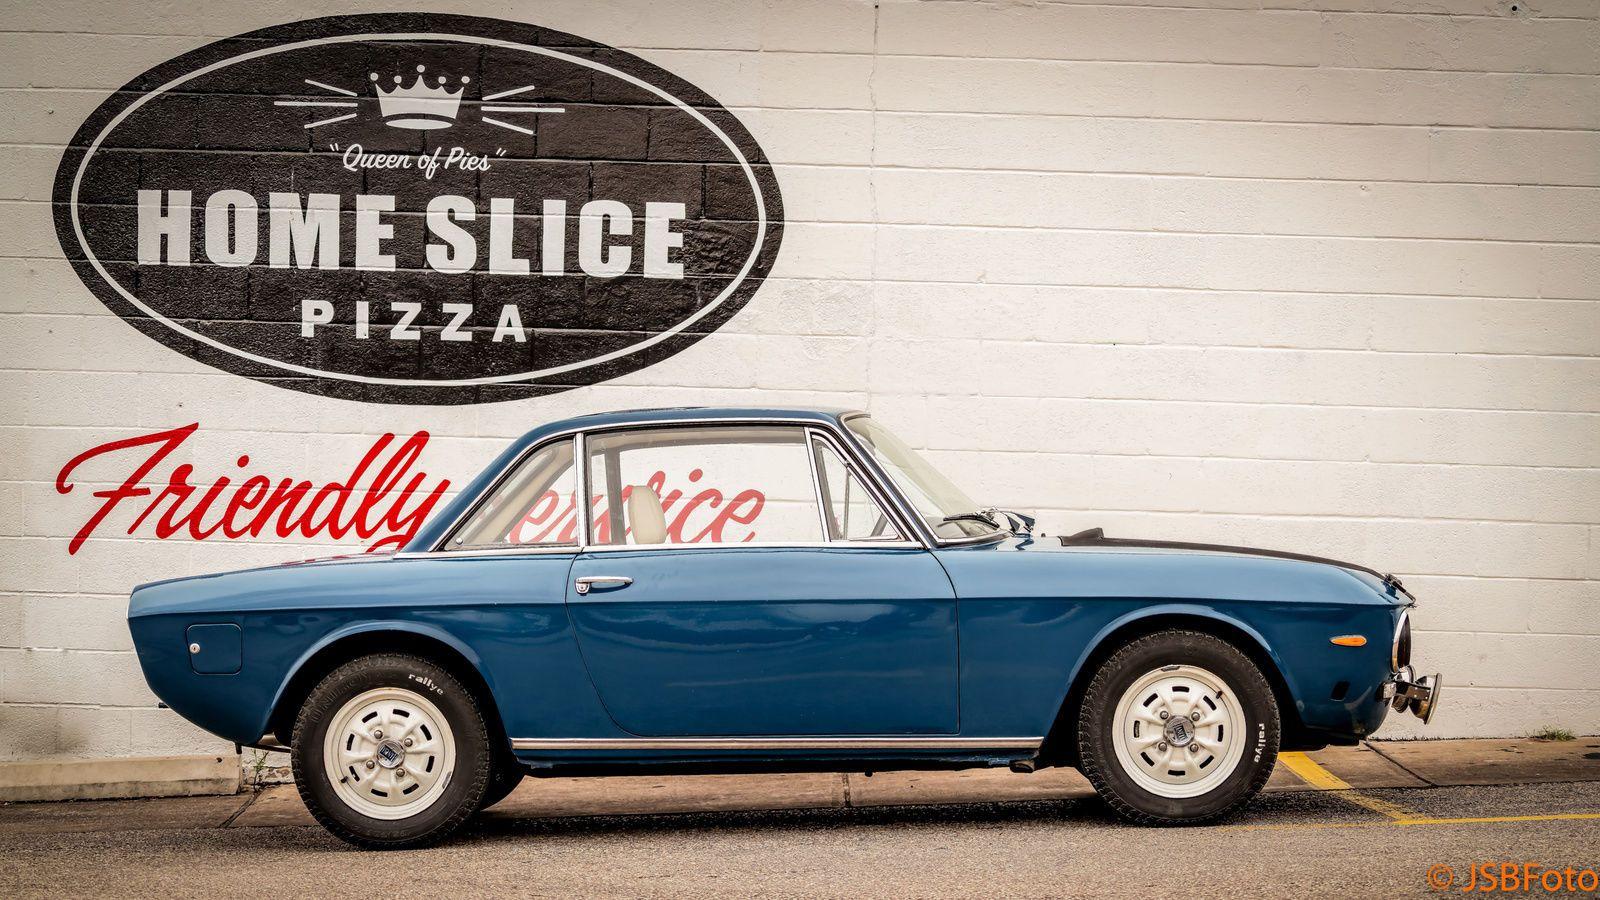 Details about 1972 Lancia Fulvia Fulvia | John Reilly | Lancia delta